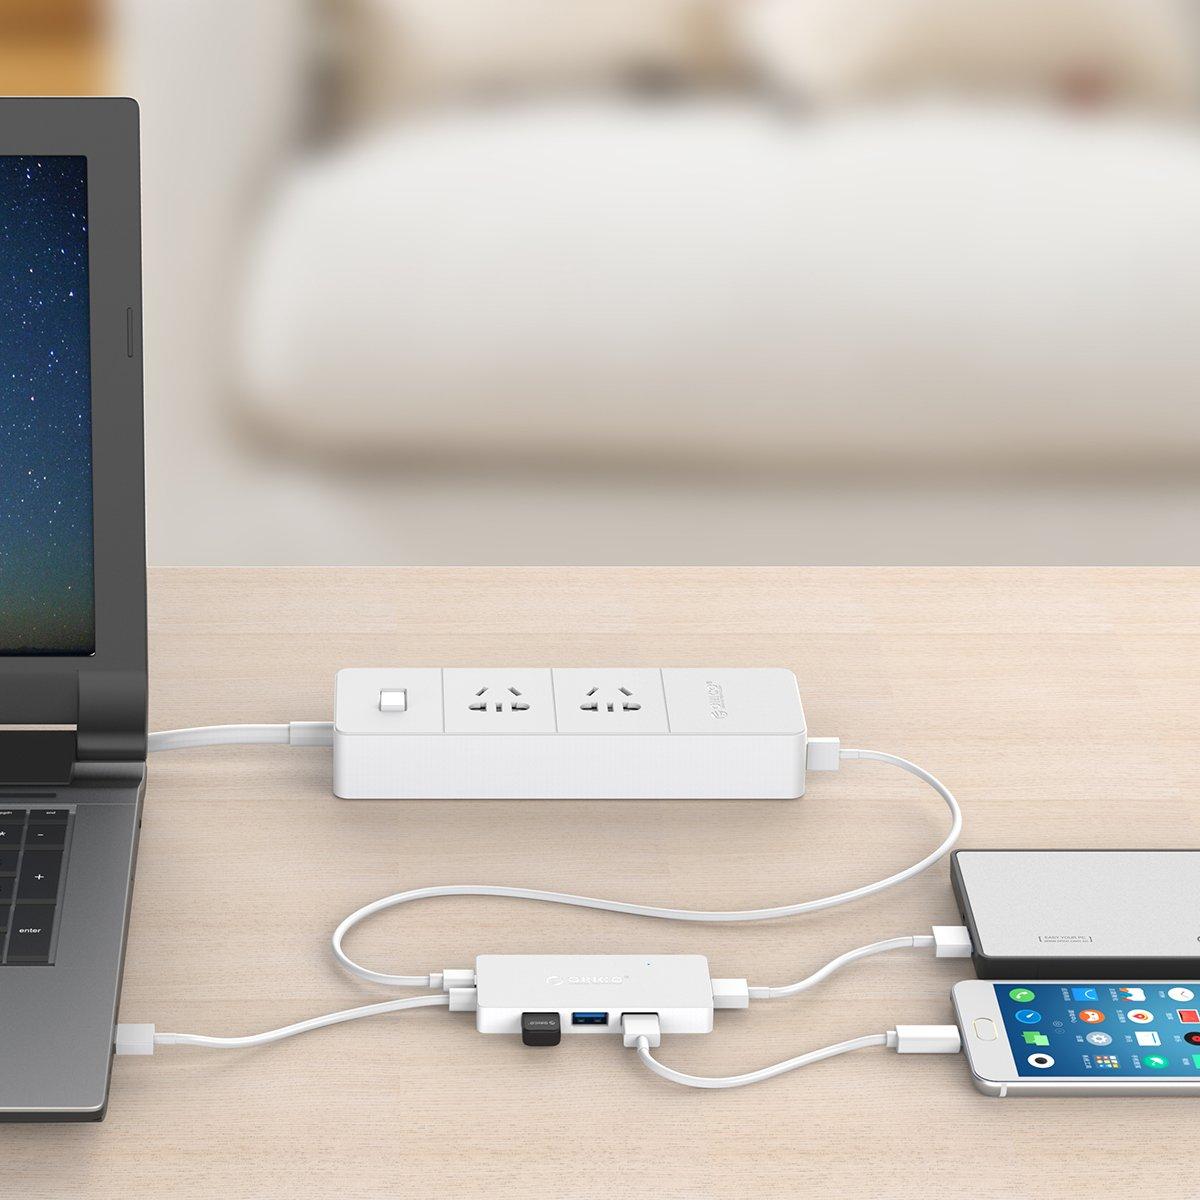 Bianco Supporta OTG Sottile e Portatile ad altissima velocit/à ORICO USB 3.0 HUB a 4 Porte con Porta USB di Alimentazione Micro-B 5 V riservata per la Ricarica Fino a 5 Gbps